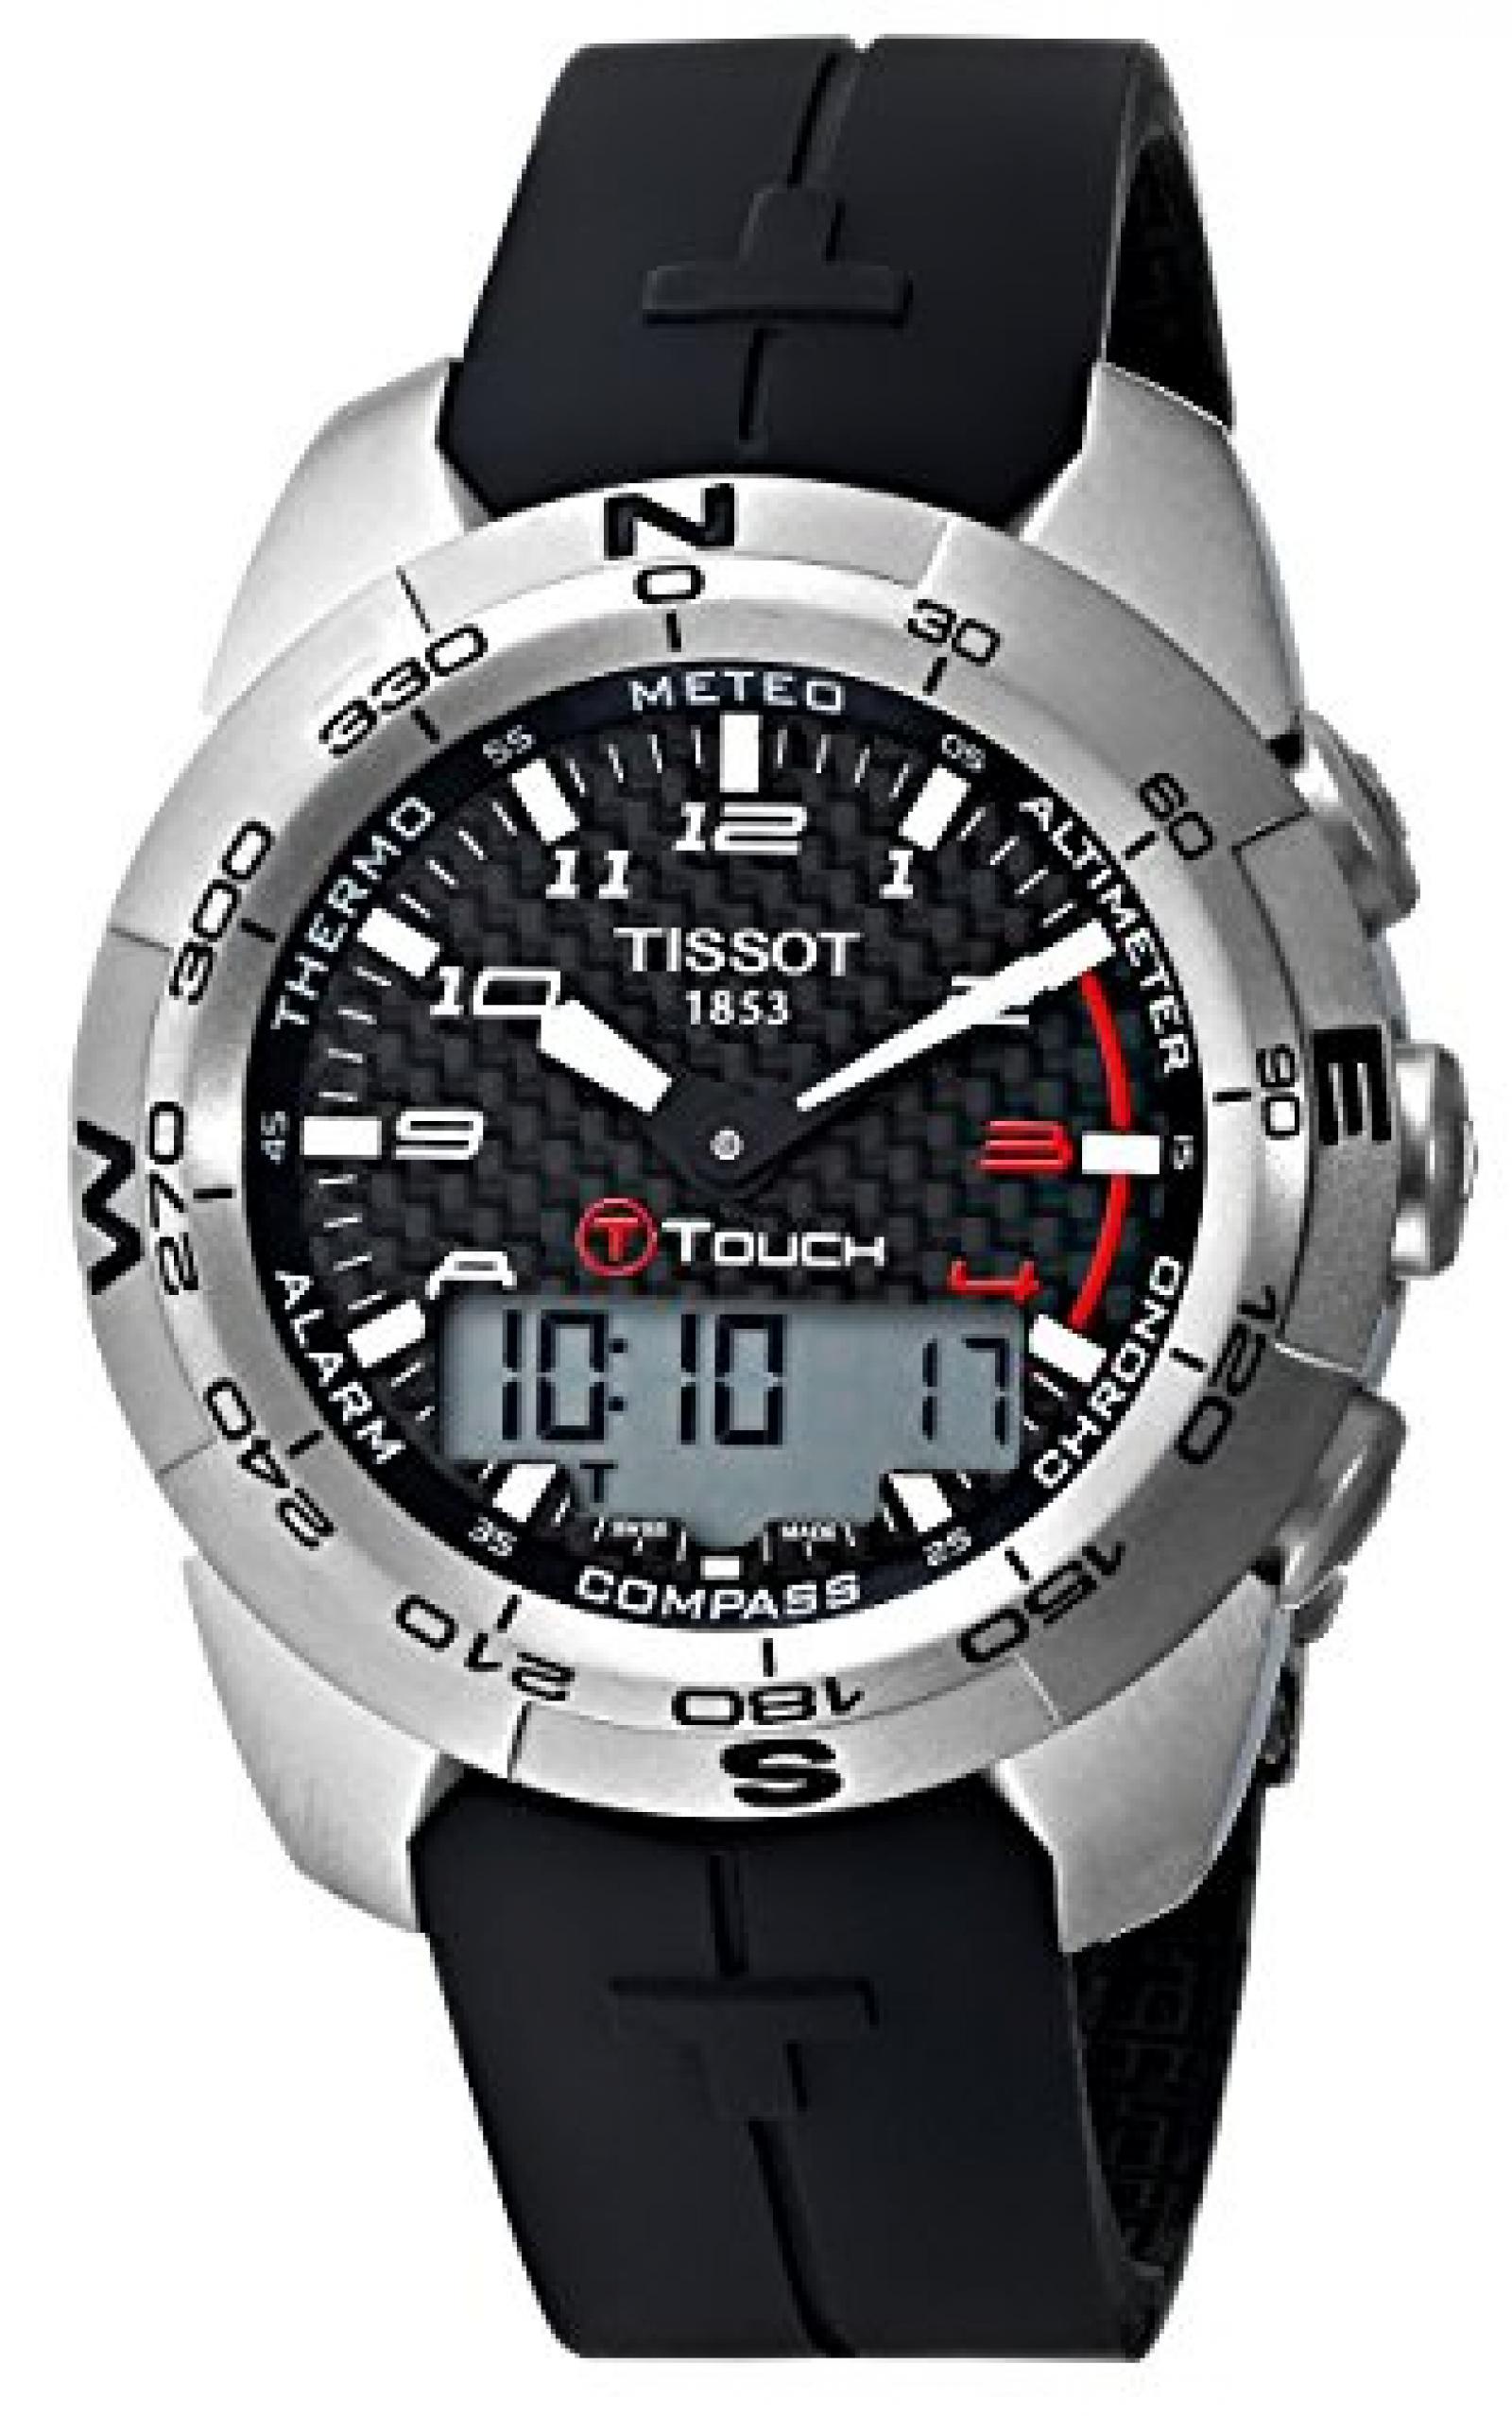 TISSOT Herrenuhr T-TOUCH EXPERT T0134204720200